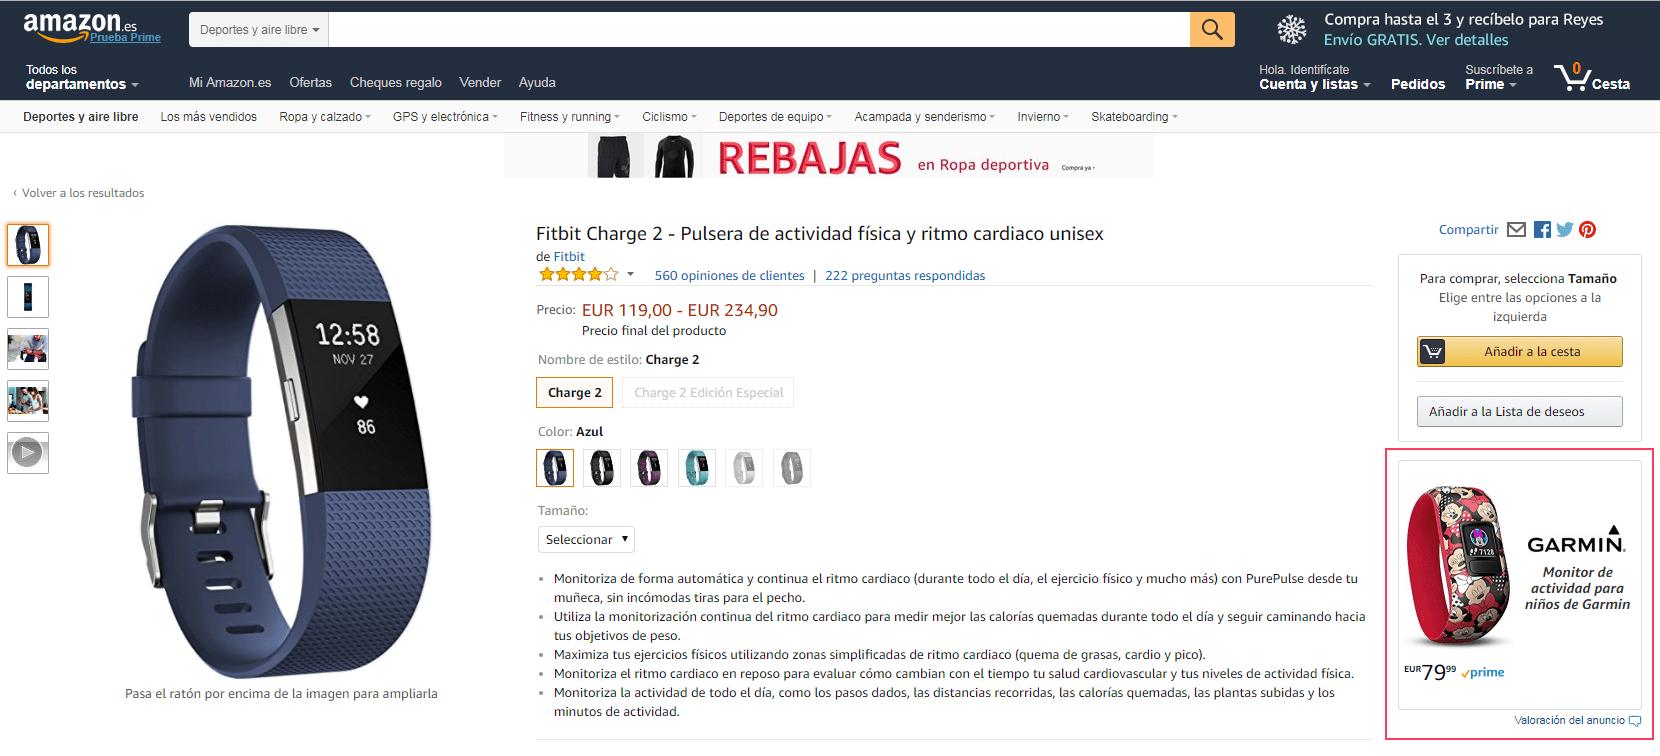 Anuncios Display de Amazon